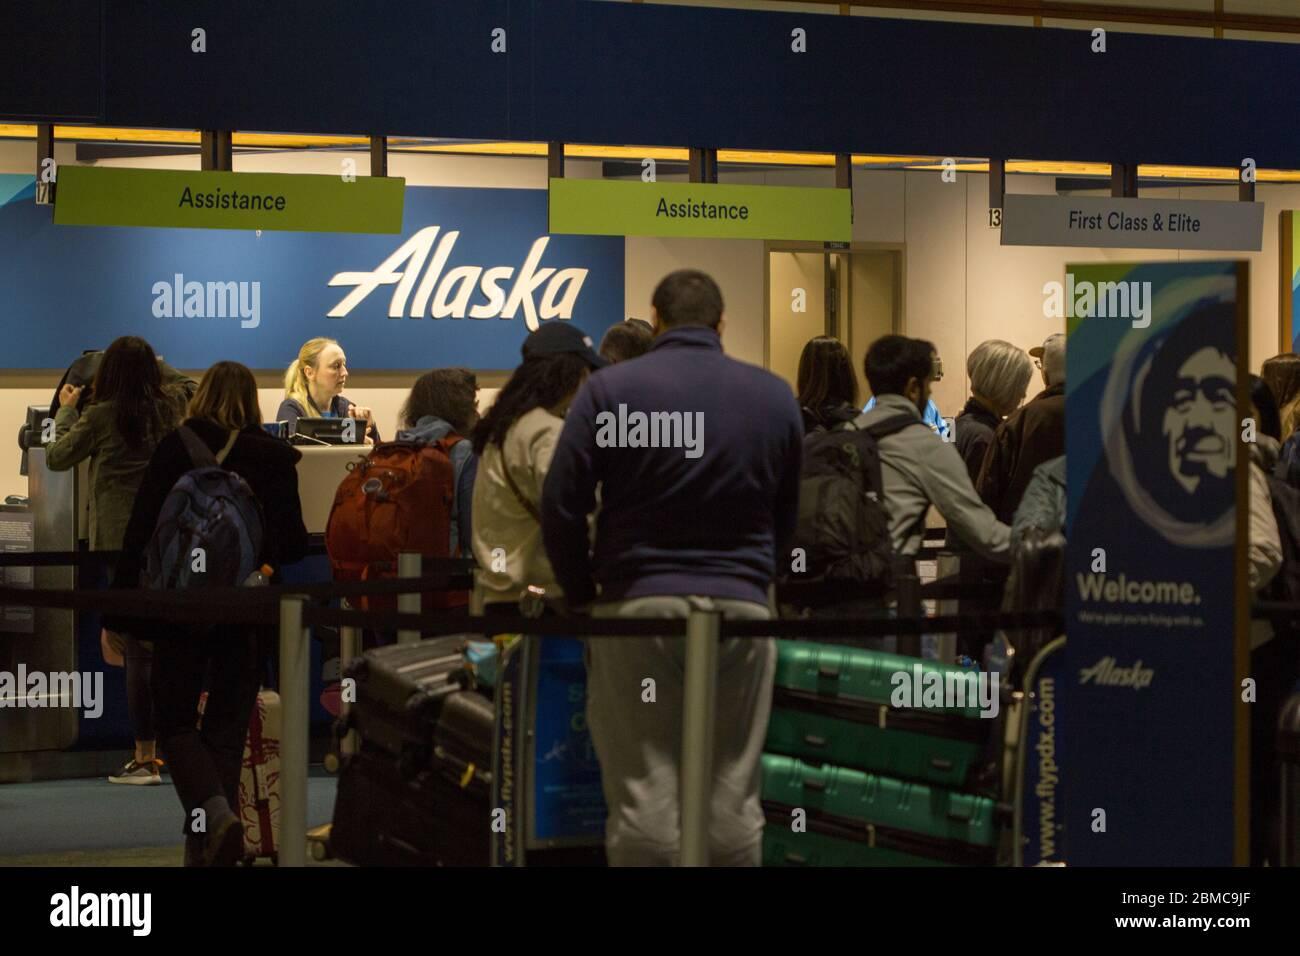 Les passagers qui font la queue pour vérifier leurs bagages au comptoir d'enregistrement d'Alaska Airlines à l'aéroport international de Portland la nuit le 13 février 2020. Banque D'Images